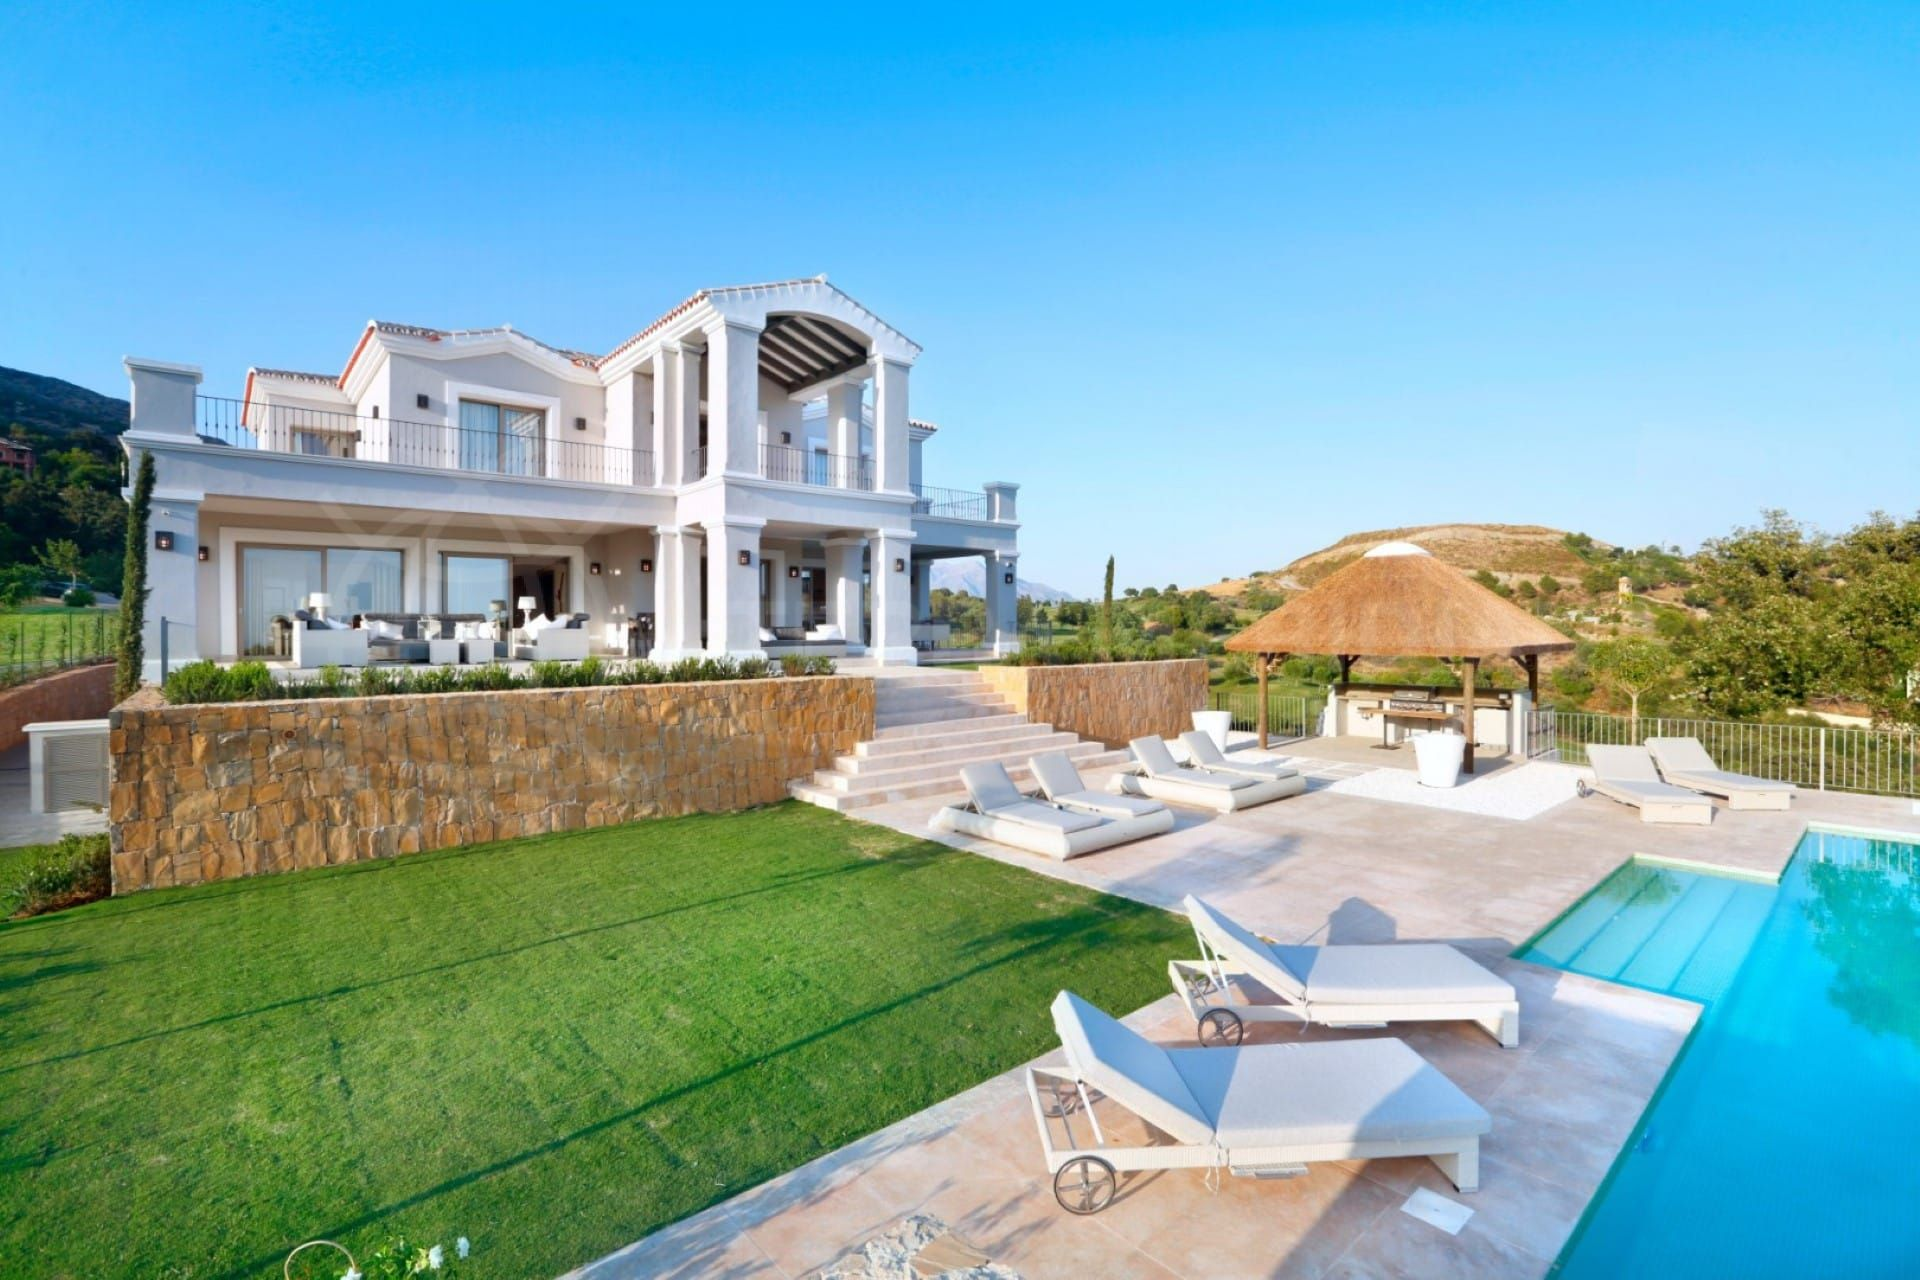 Construye su propia casa en la costa del sol con terra - Casas en la costa del sol ...